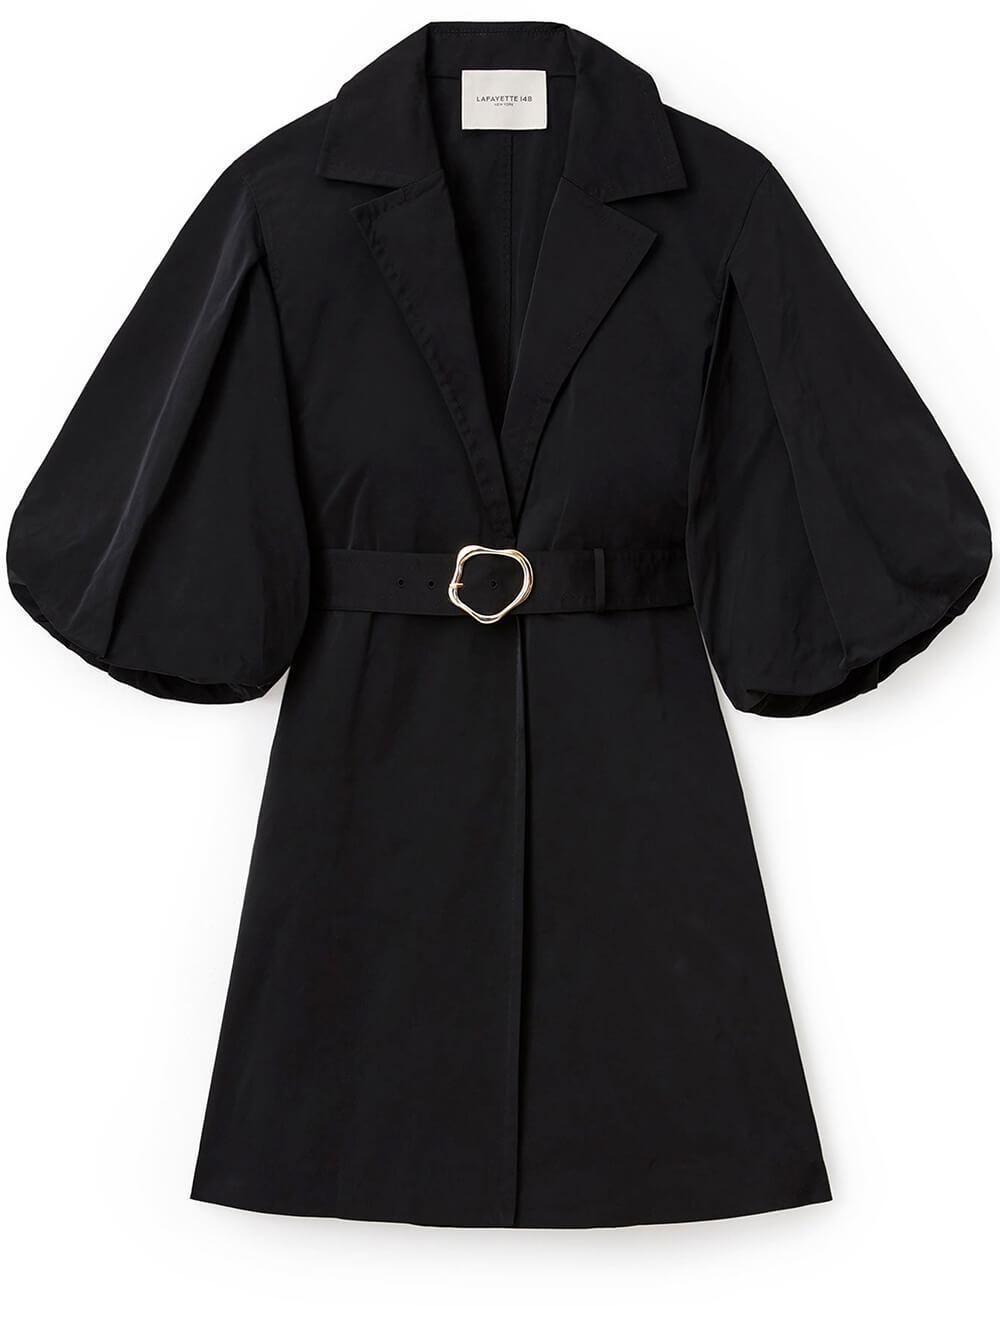 Rosa Taffeta Coat Item # MQ685H-2788